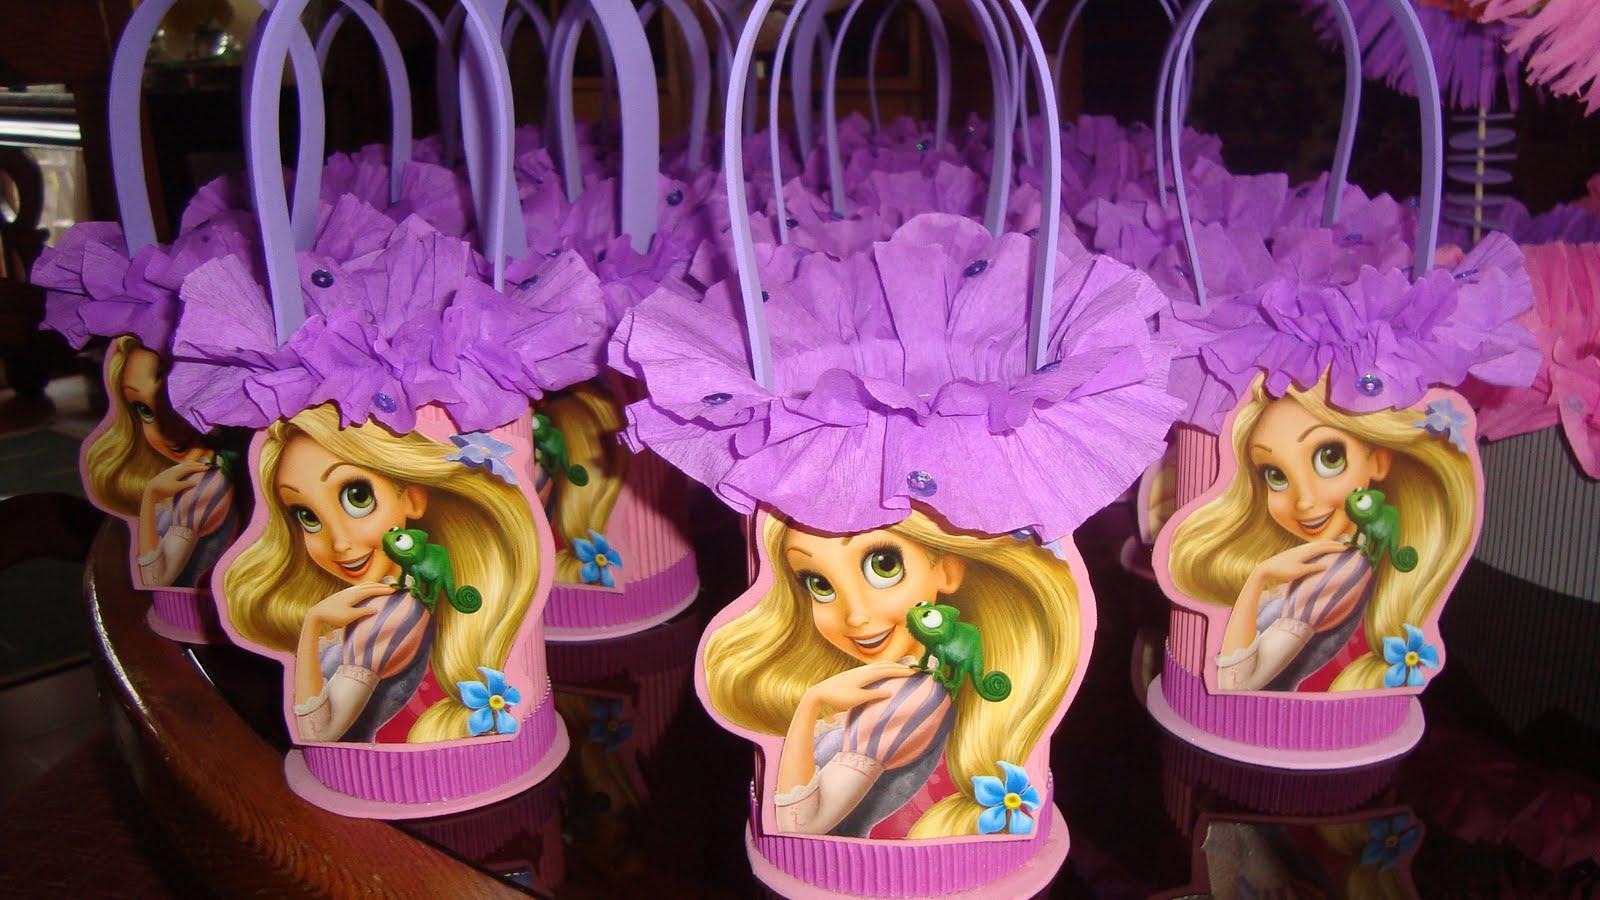 Decoracion De Rapunzel Para Fiestas Infantiles ~ LOS INVITO A CONOCER MI PAGINA  Canastitas Rapunzel